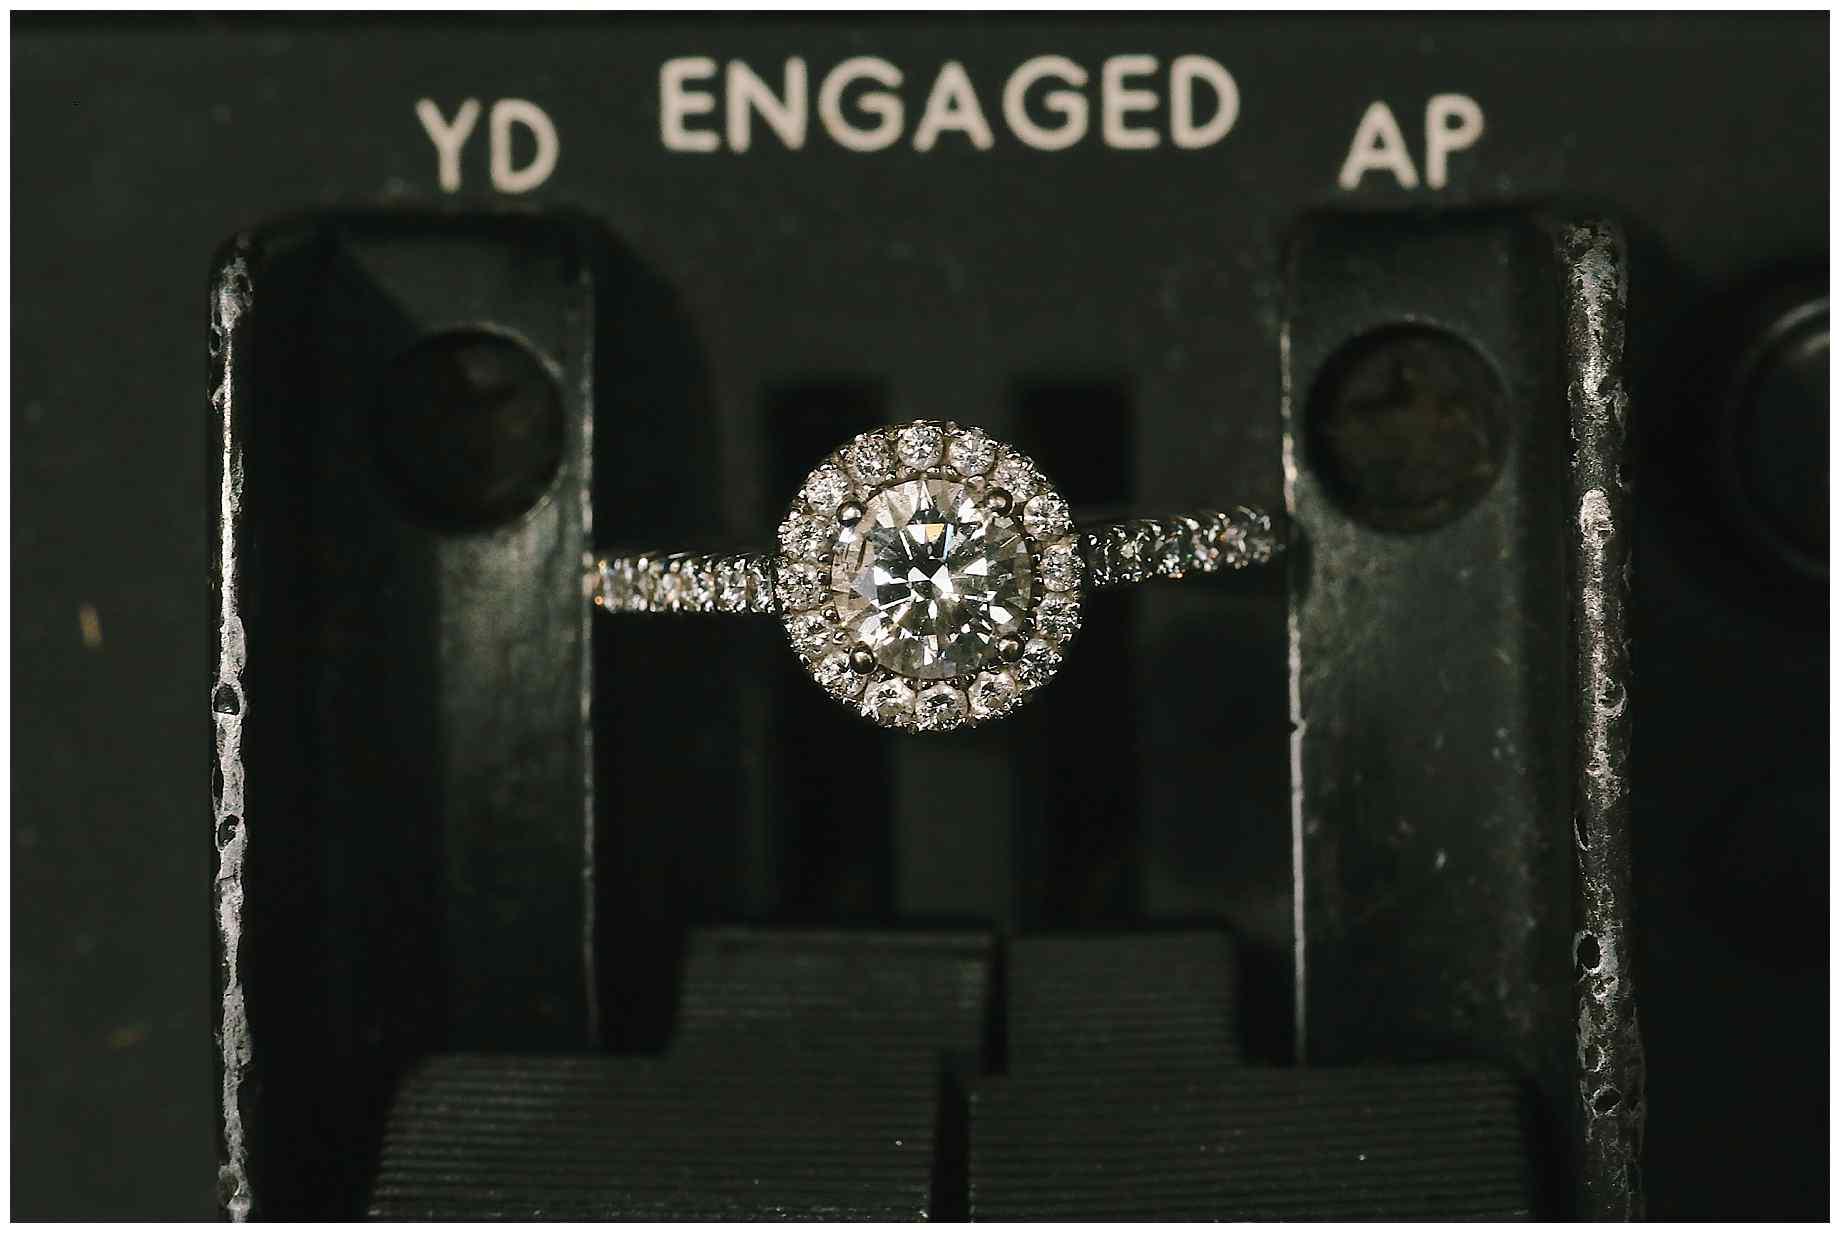 top-10-wedding-ring-photos-of-2015-005